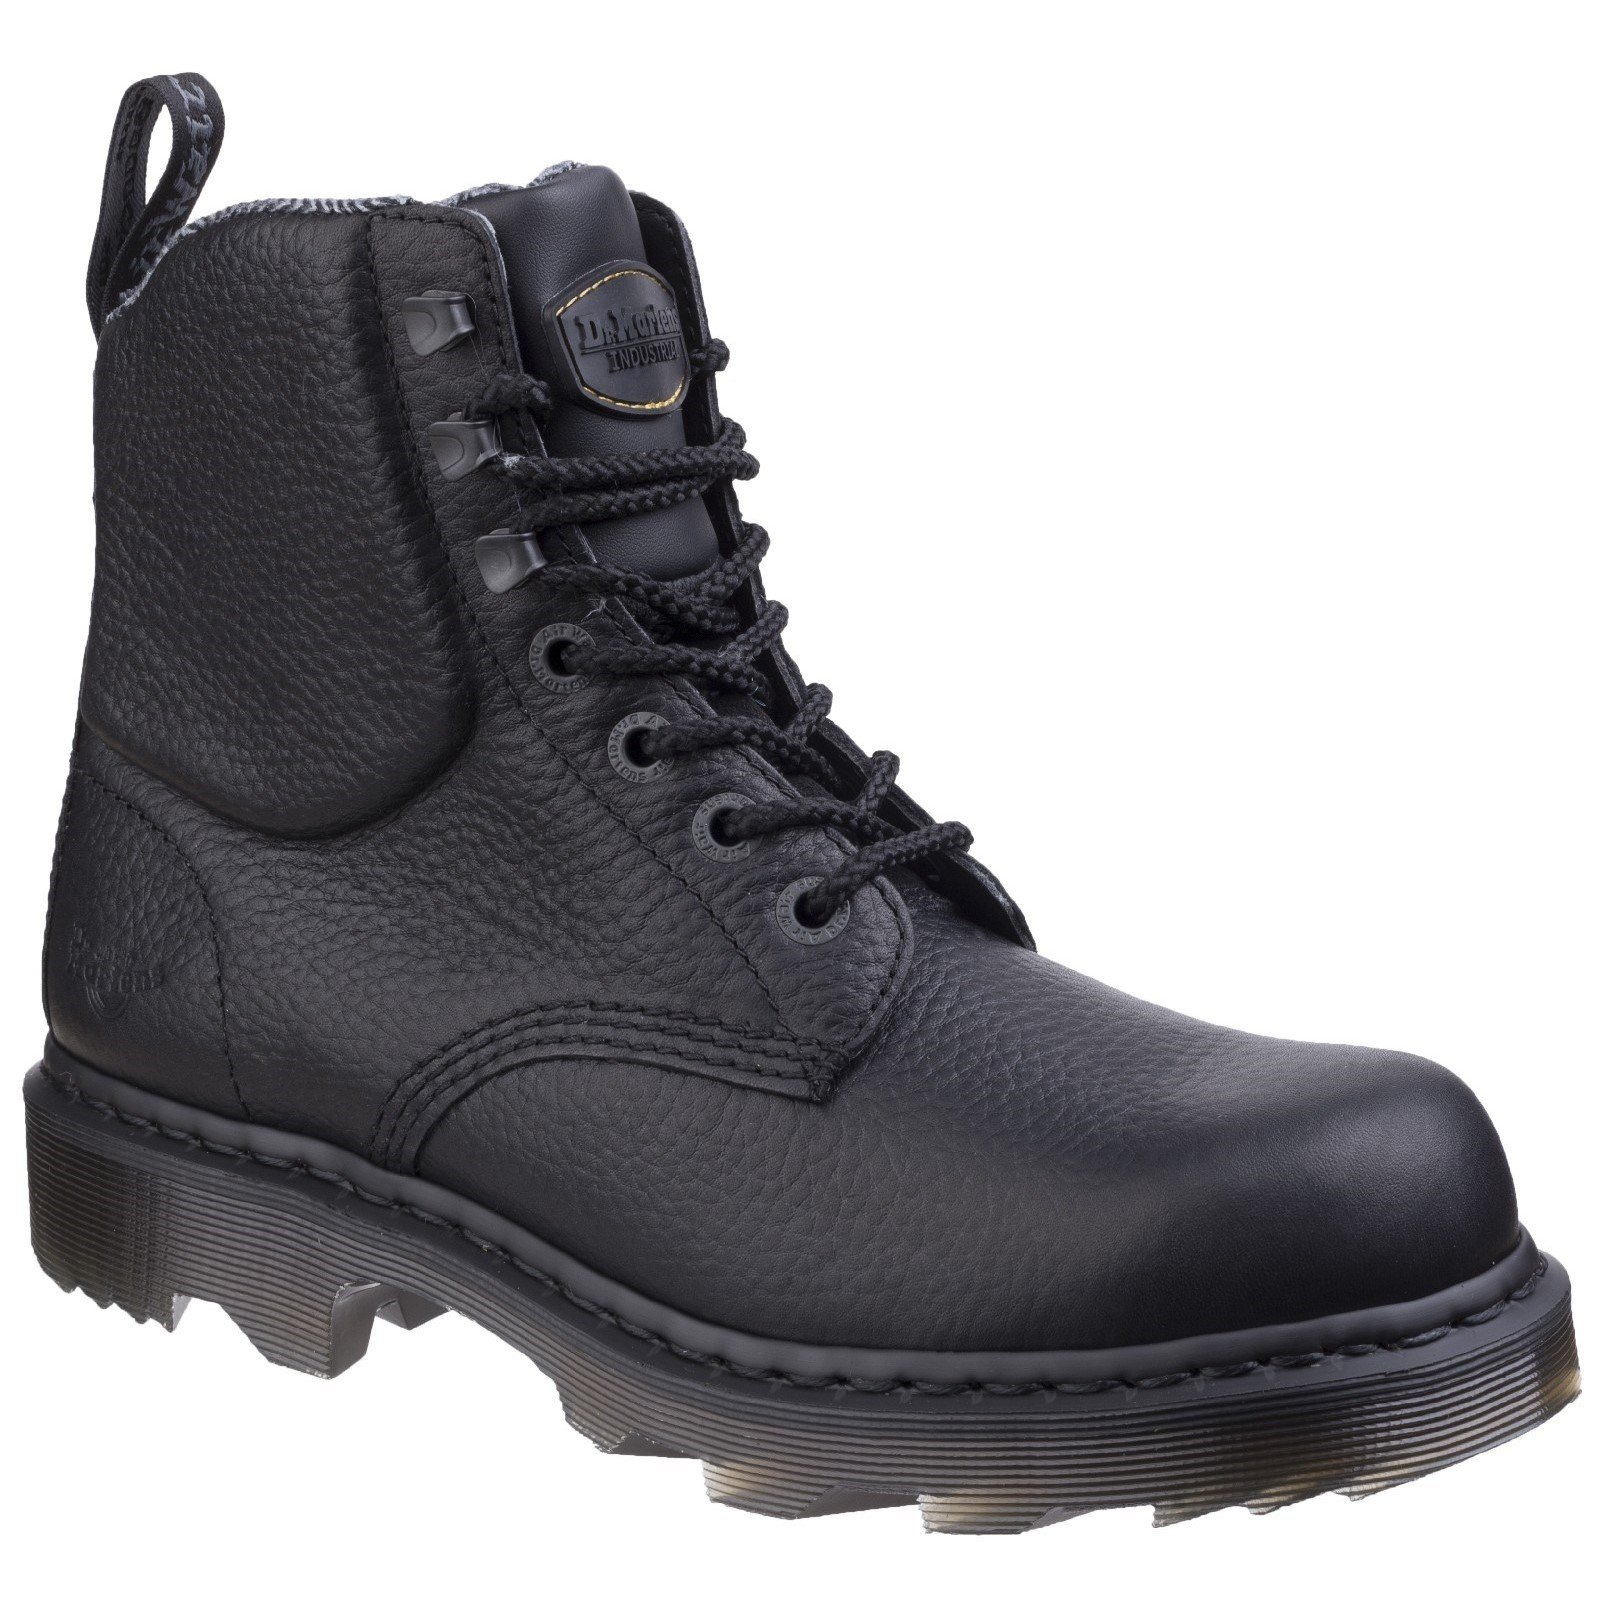 Dr Martens Unisex Calshott Service Boot Black 26024-43394 - Black 7